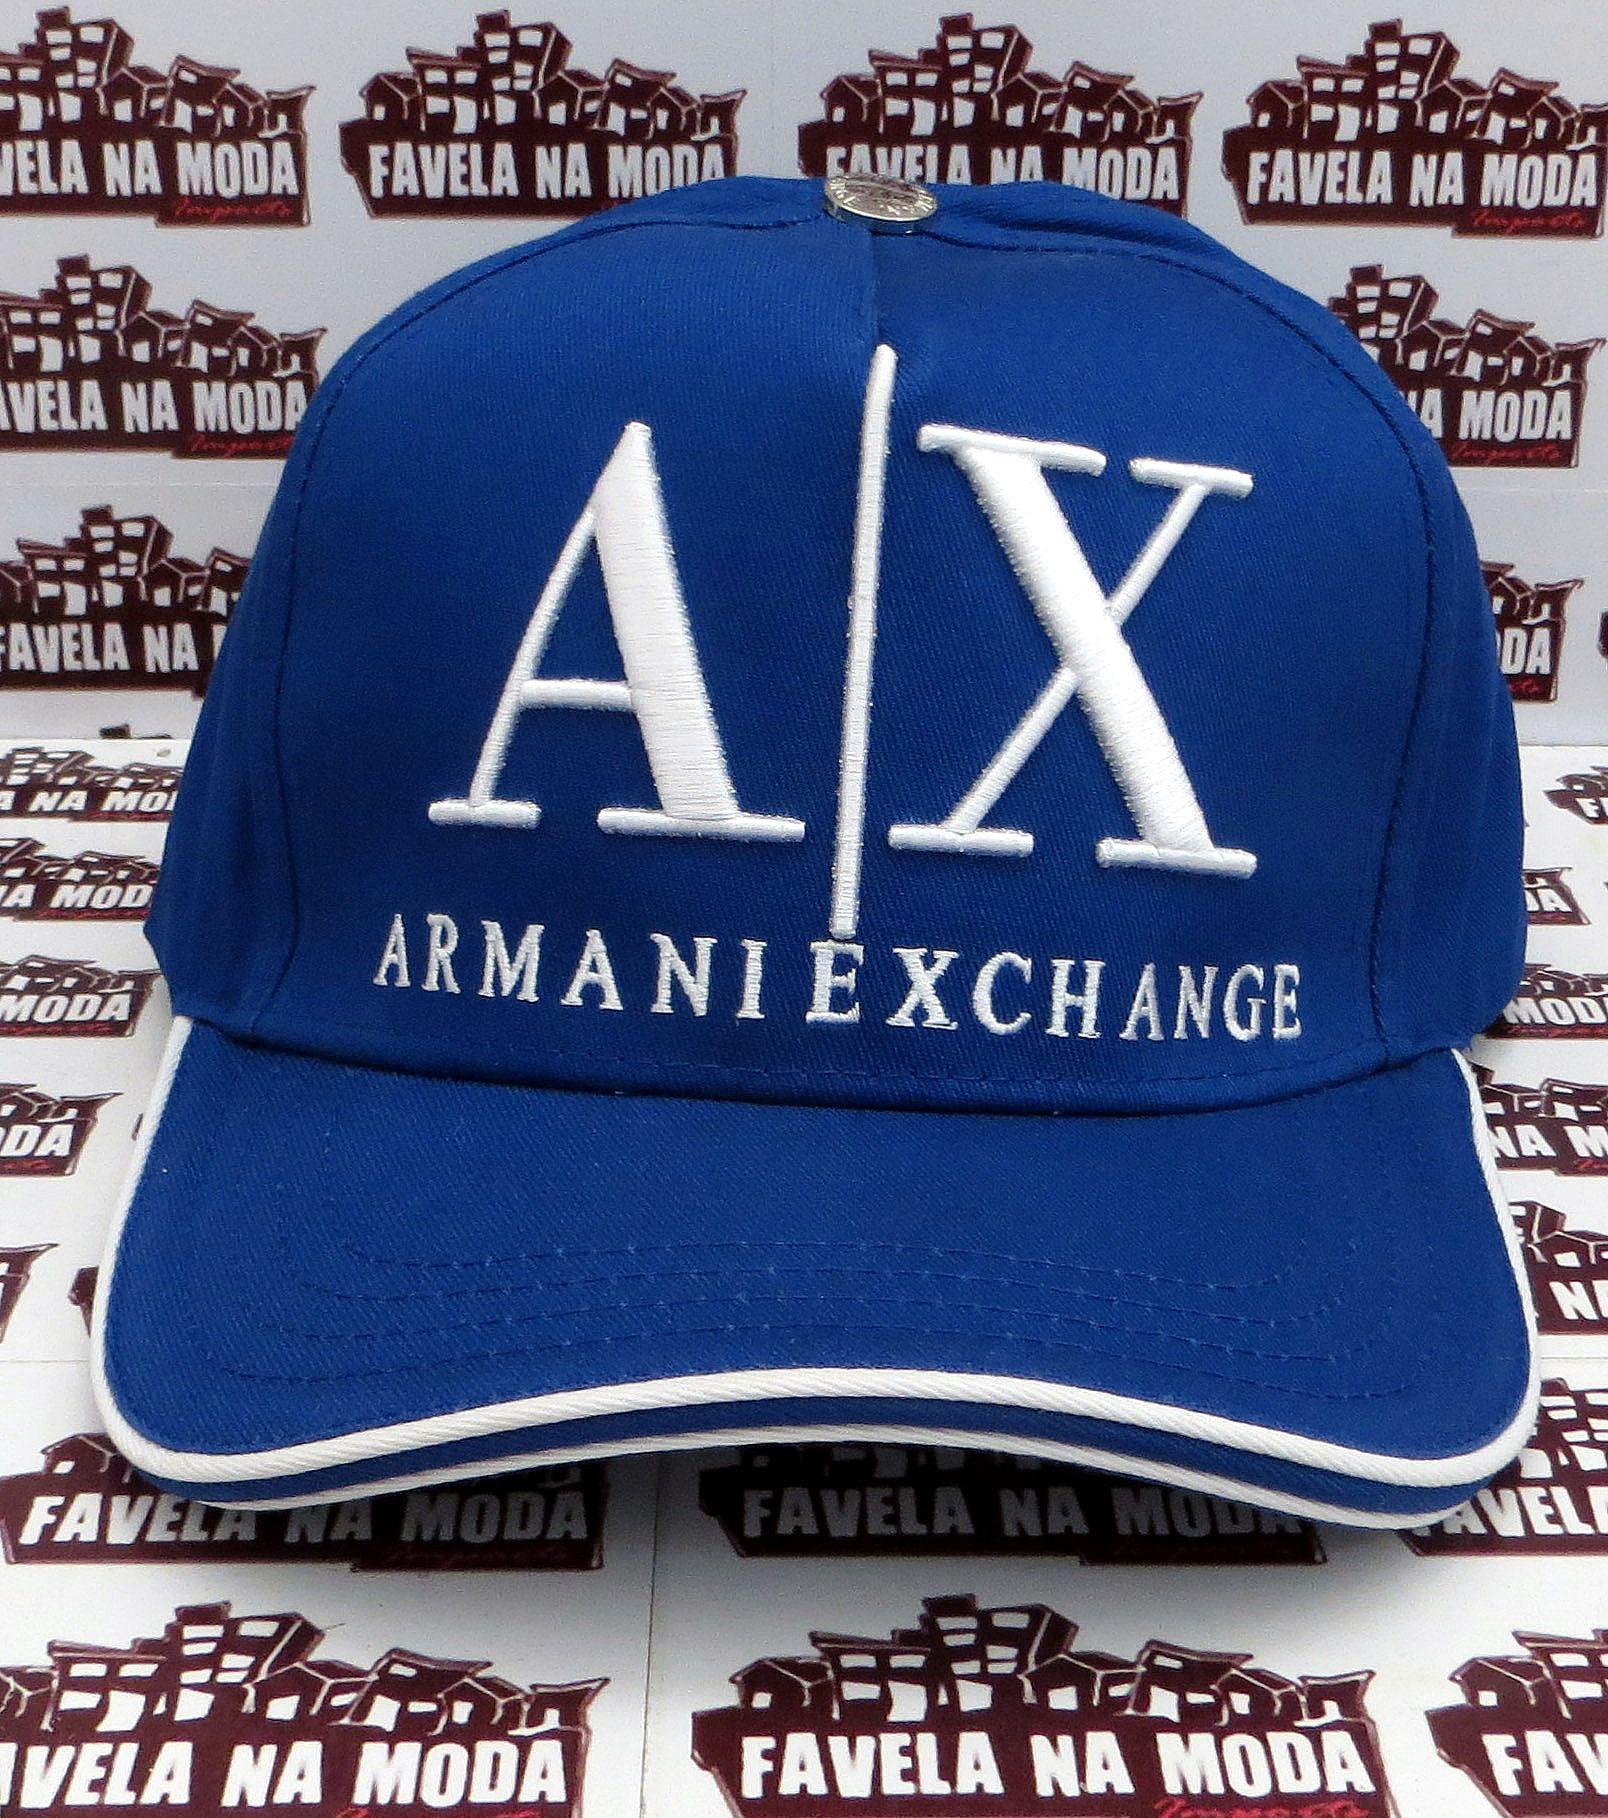 e840a59e30624 Boné Armani Exchange AX - Azul Royal